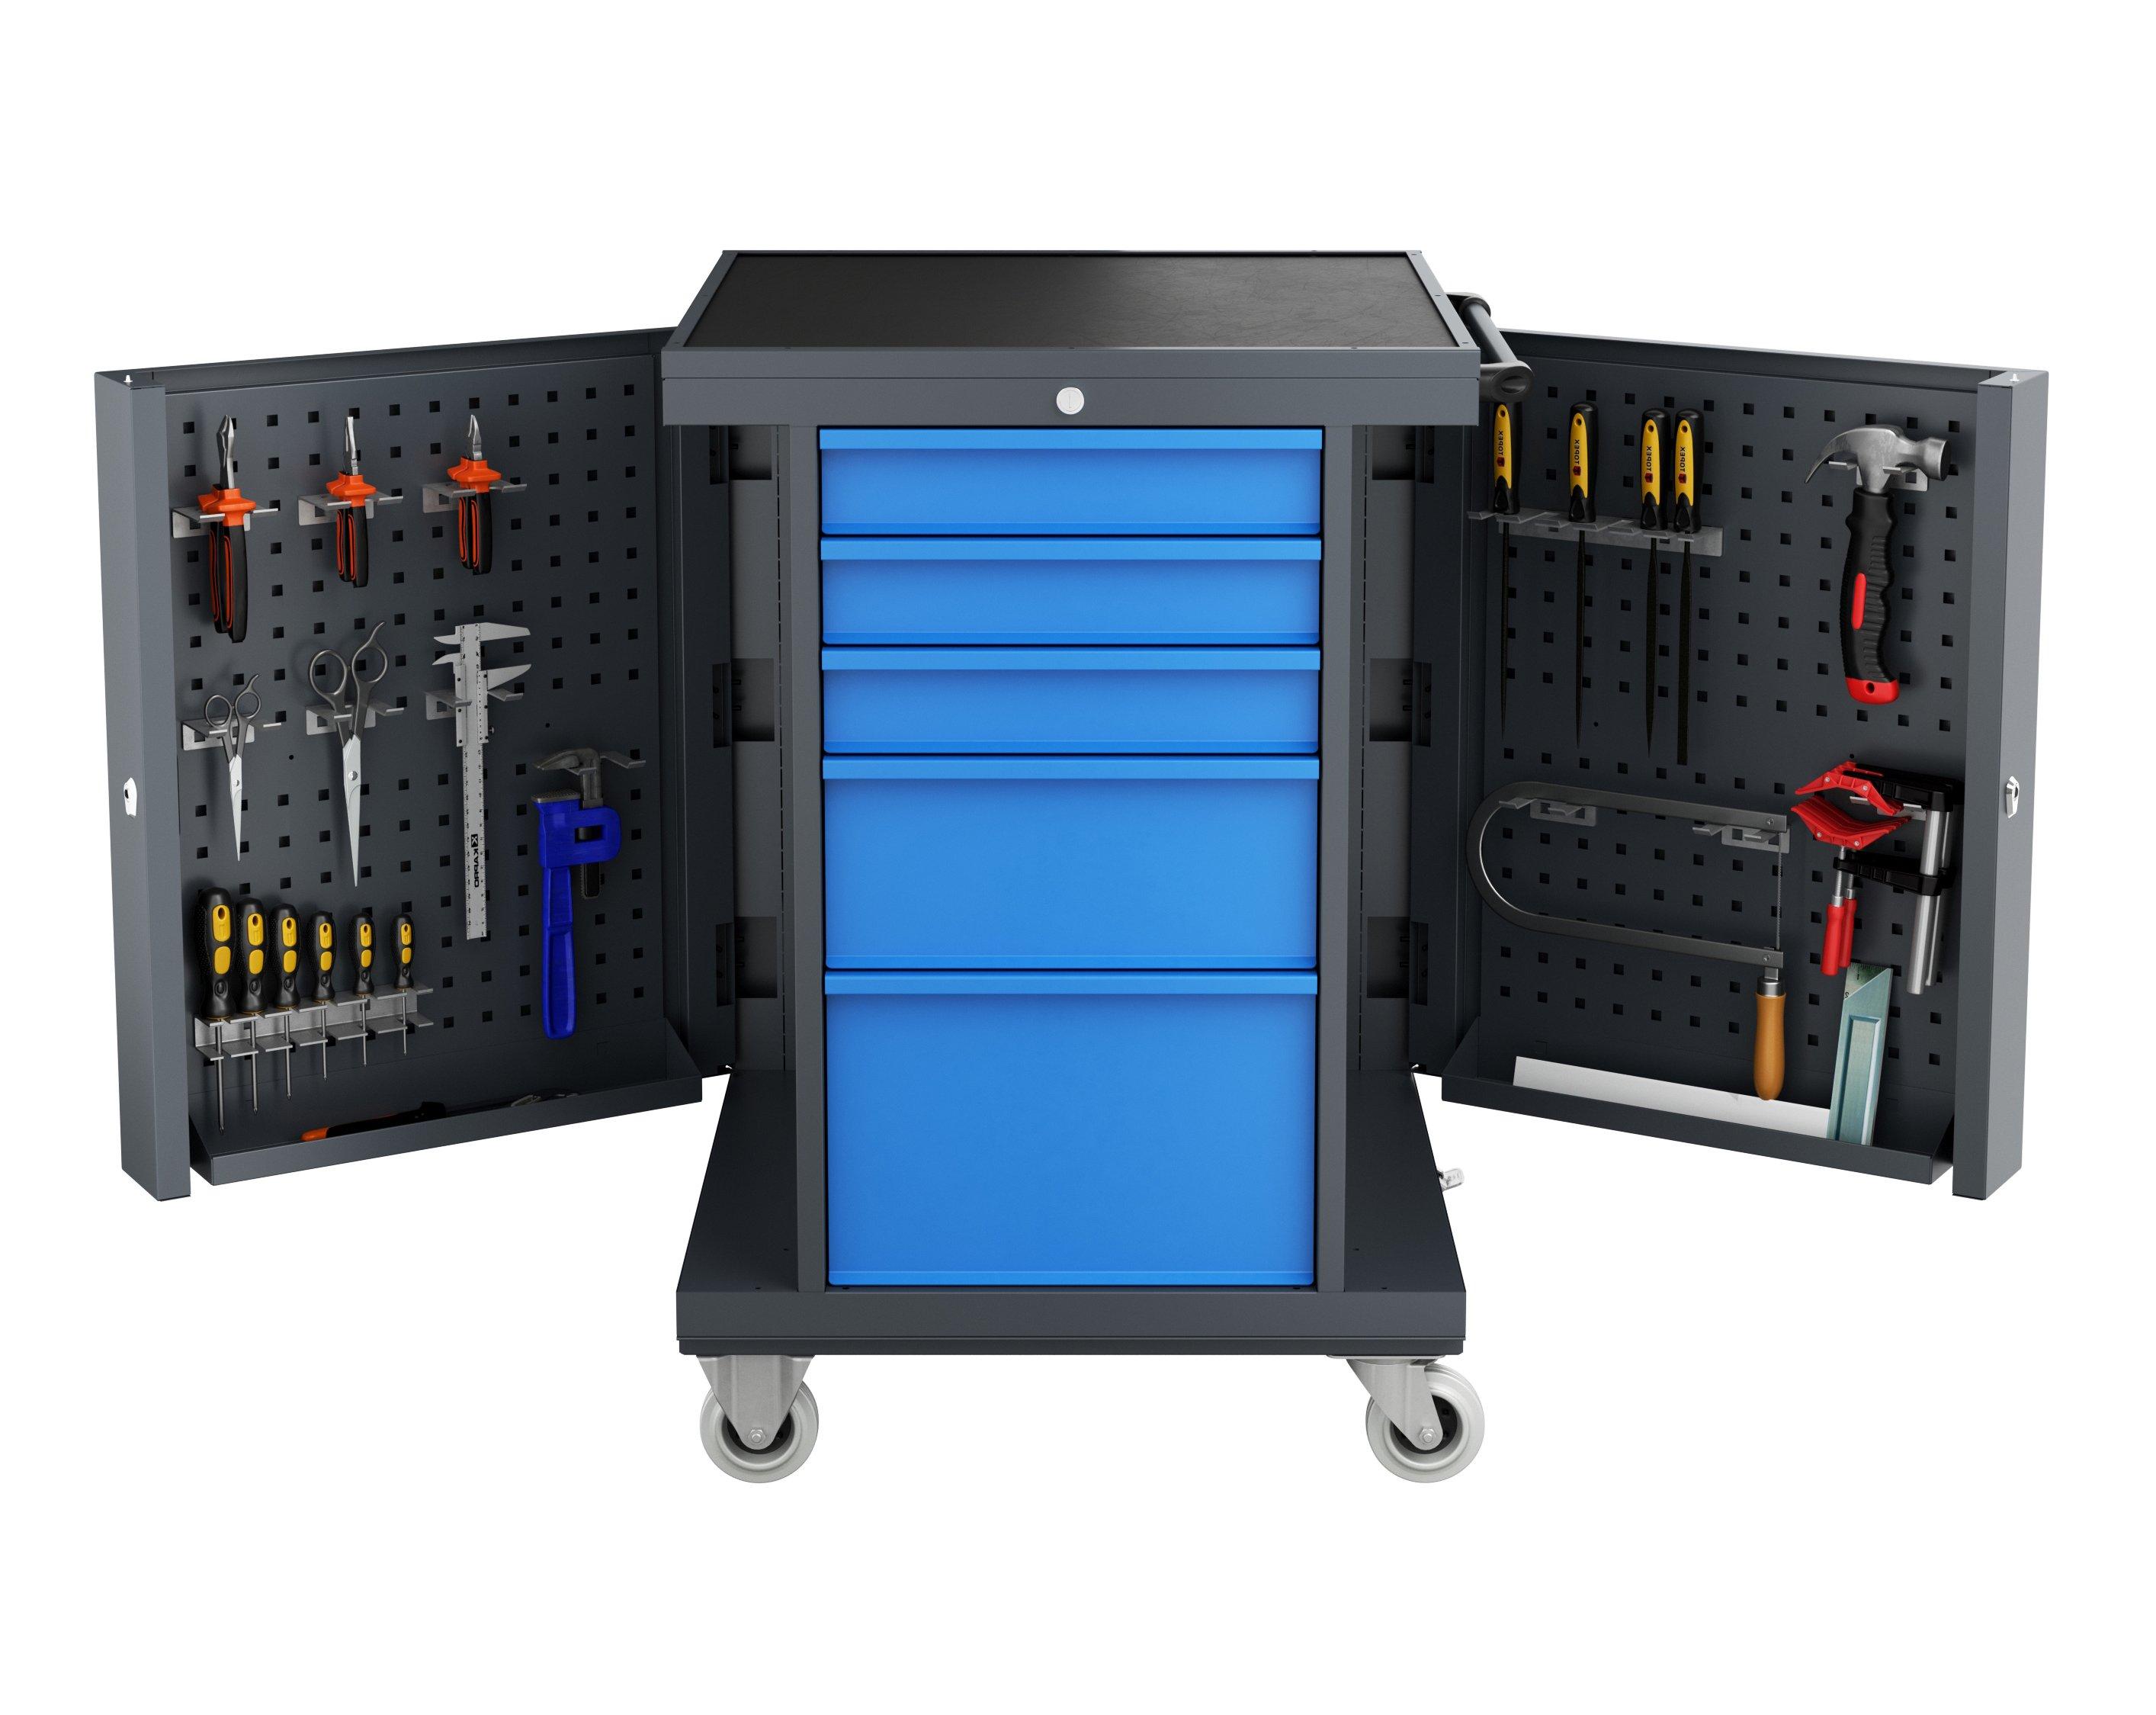 Wózek warsztatowy TWS PLUS z modułem O4